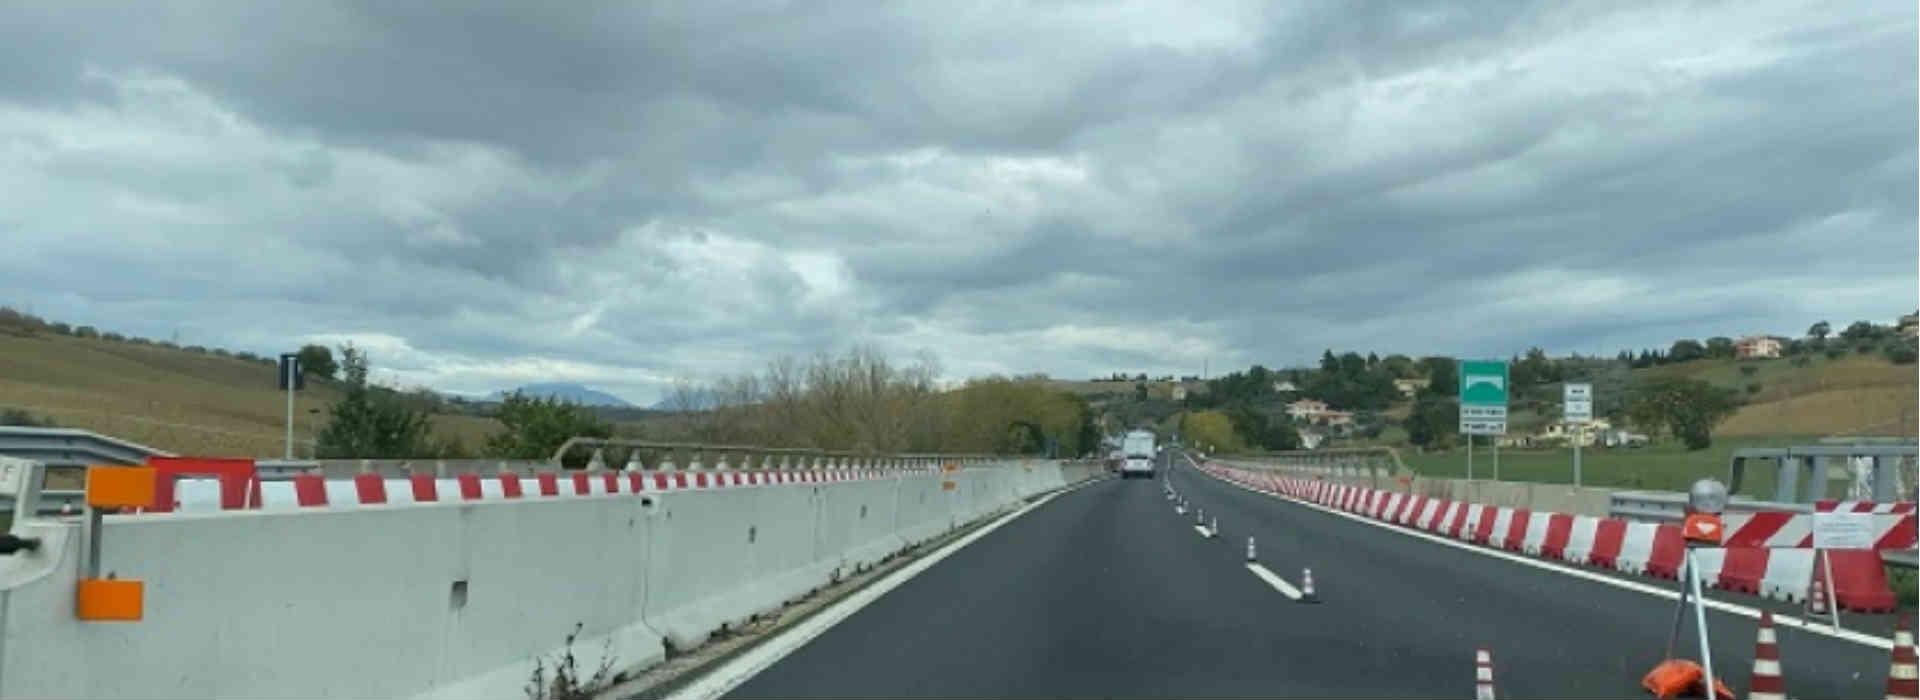 Viadotto del Cerrano